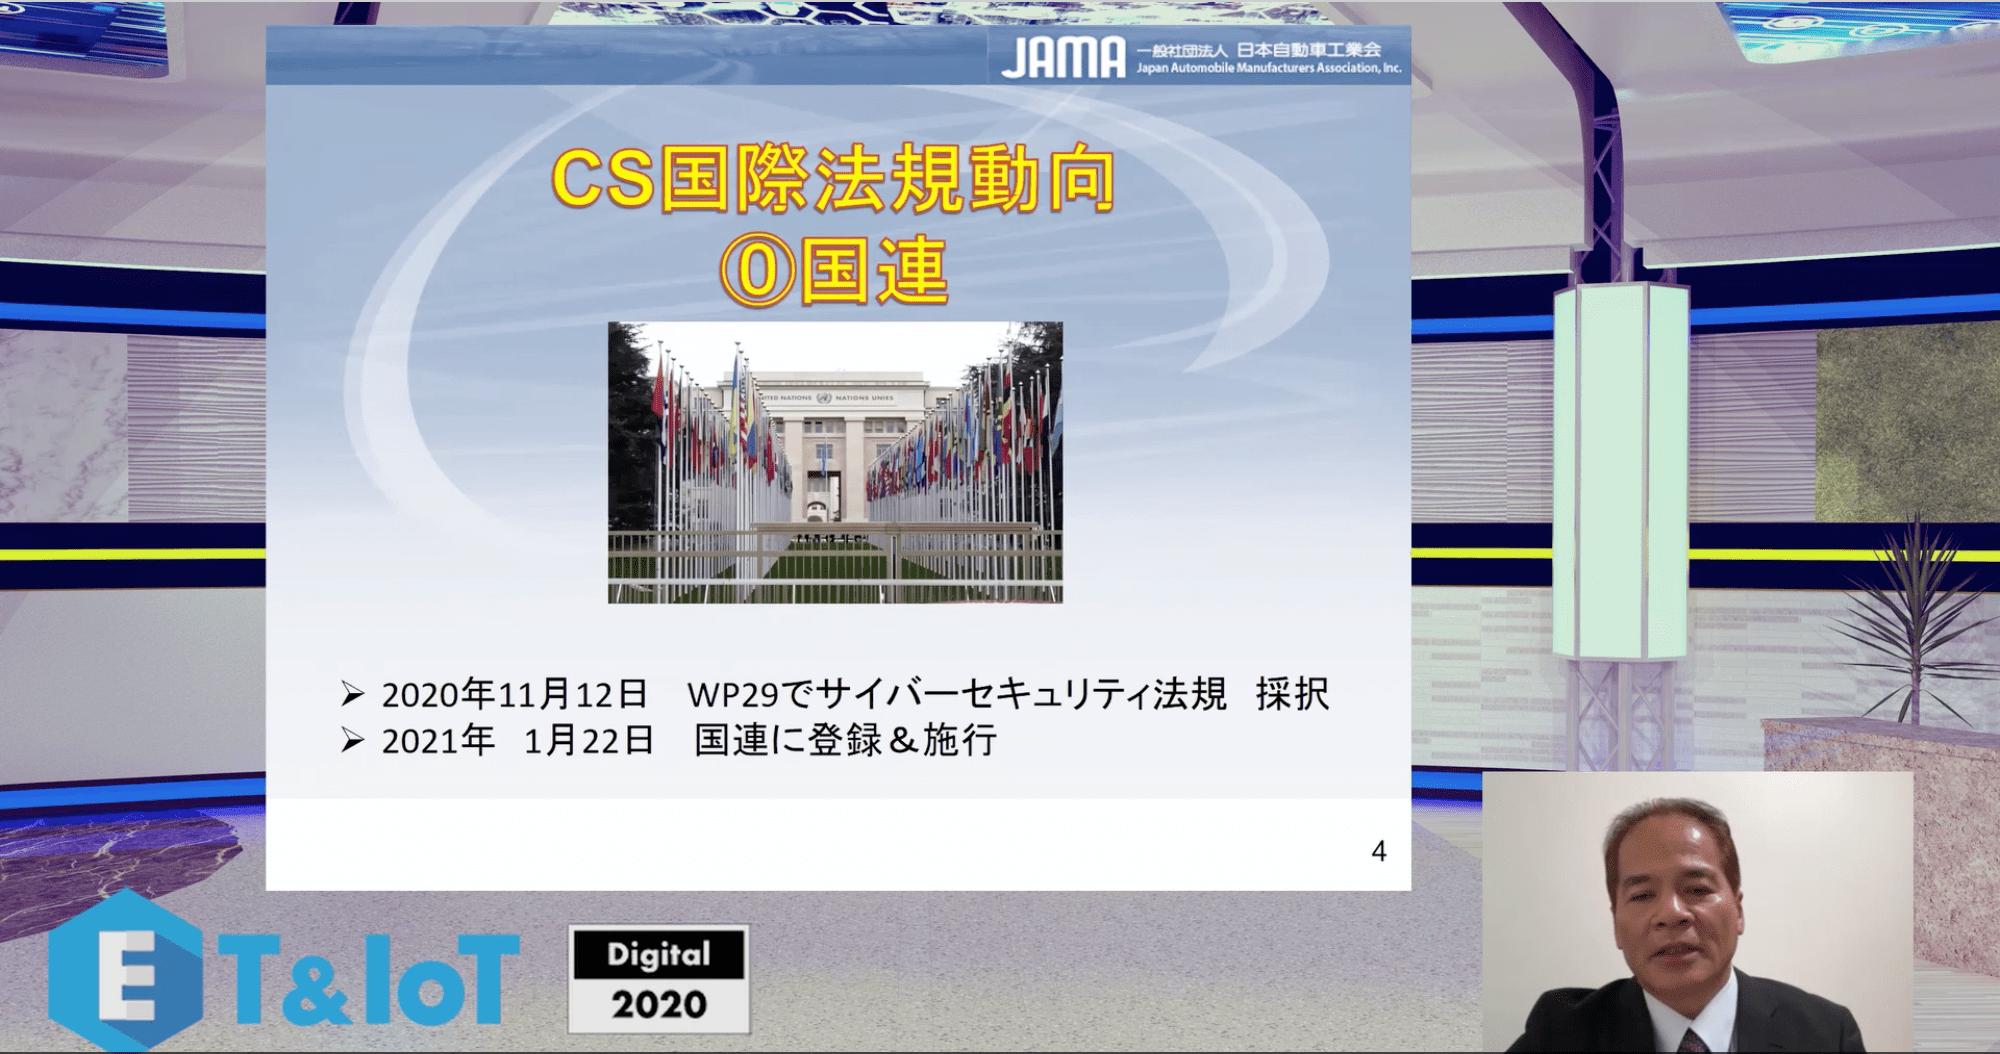 ET&IoTのセミナー「自動運転とサイバーセキュリティの最新動向(2020年版)」に登壇する一般社団法人日本自動車工業会の川名茂之氏